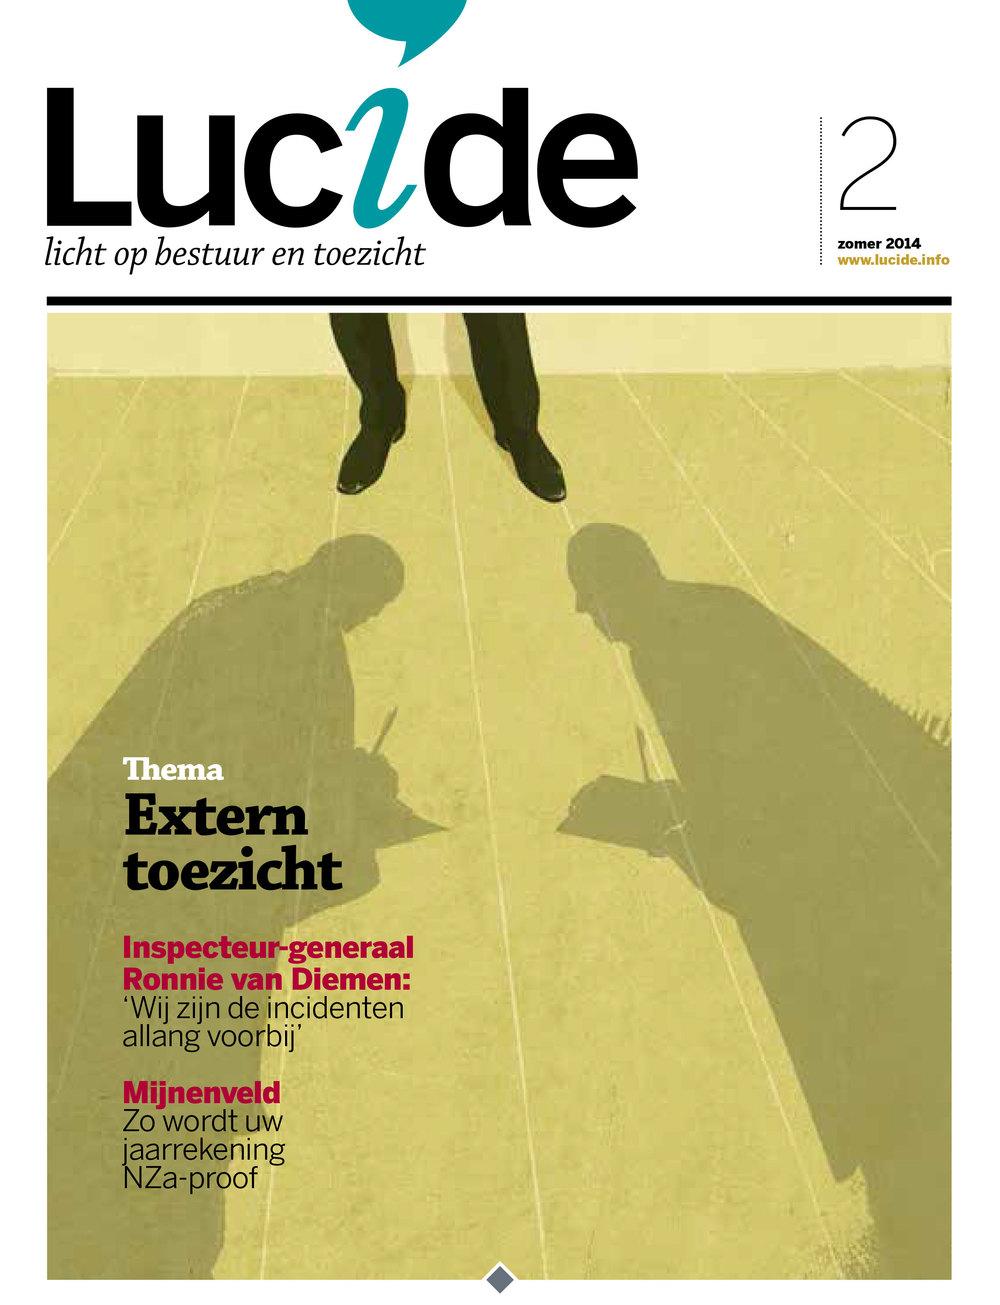 LUCIDE_web.jpg